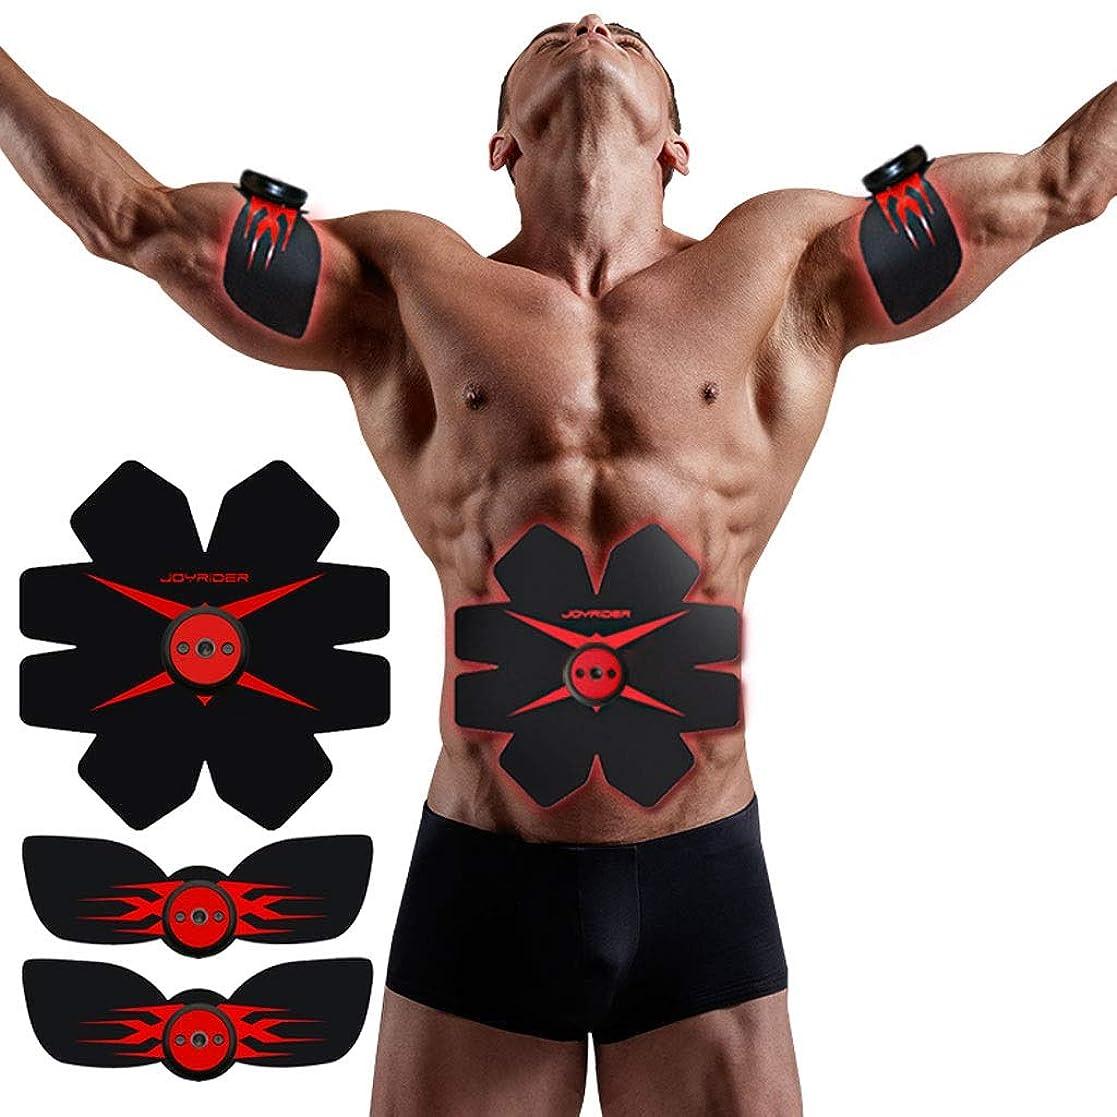 略奪避難レルムEMS AbsトレーナーAbベルト、腹部調色ベルト、腹筋刺激装置、ABSマシンAbベルト調色ジムワークアウトマシン用男性&女性